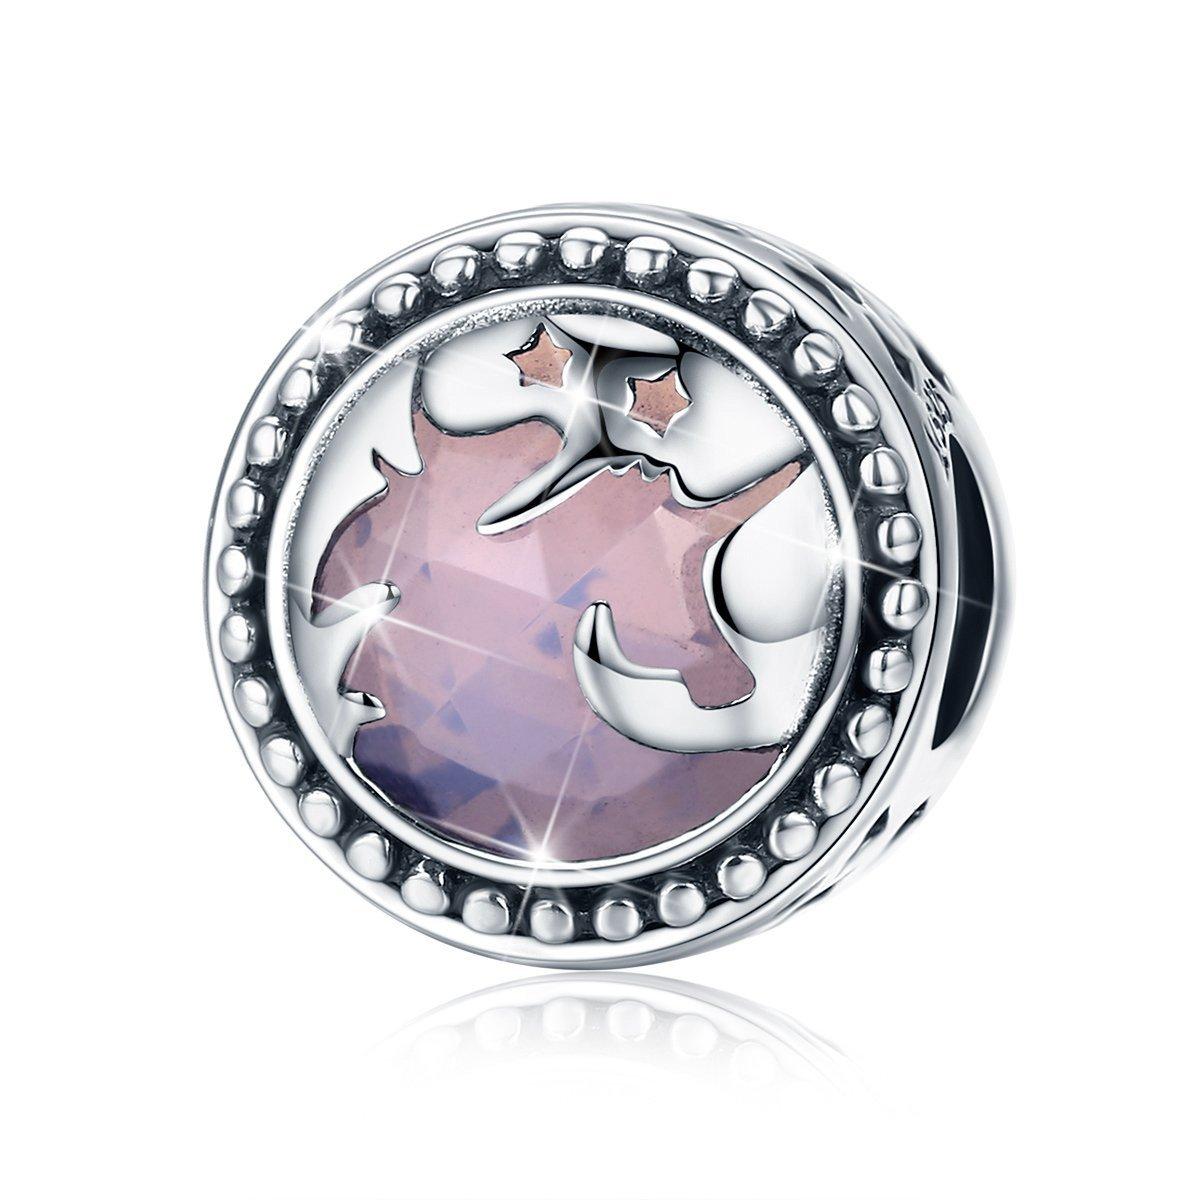 Fantasy Licorne Charm, Argent sterling 925Big Pierre Charms Collier de perles pour bracelet à breloques Serpent, Meilleur Cadeau d'anniversaire de Noël pour maman Wife Girlfriend Bj09003 FQWCBJ09003